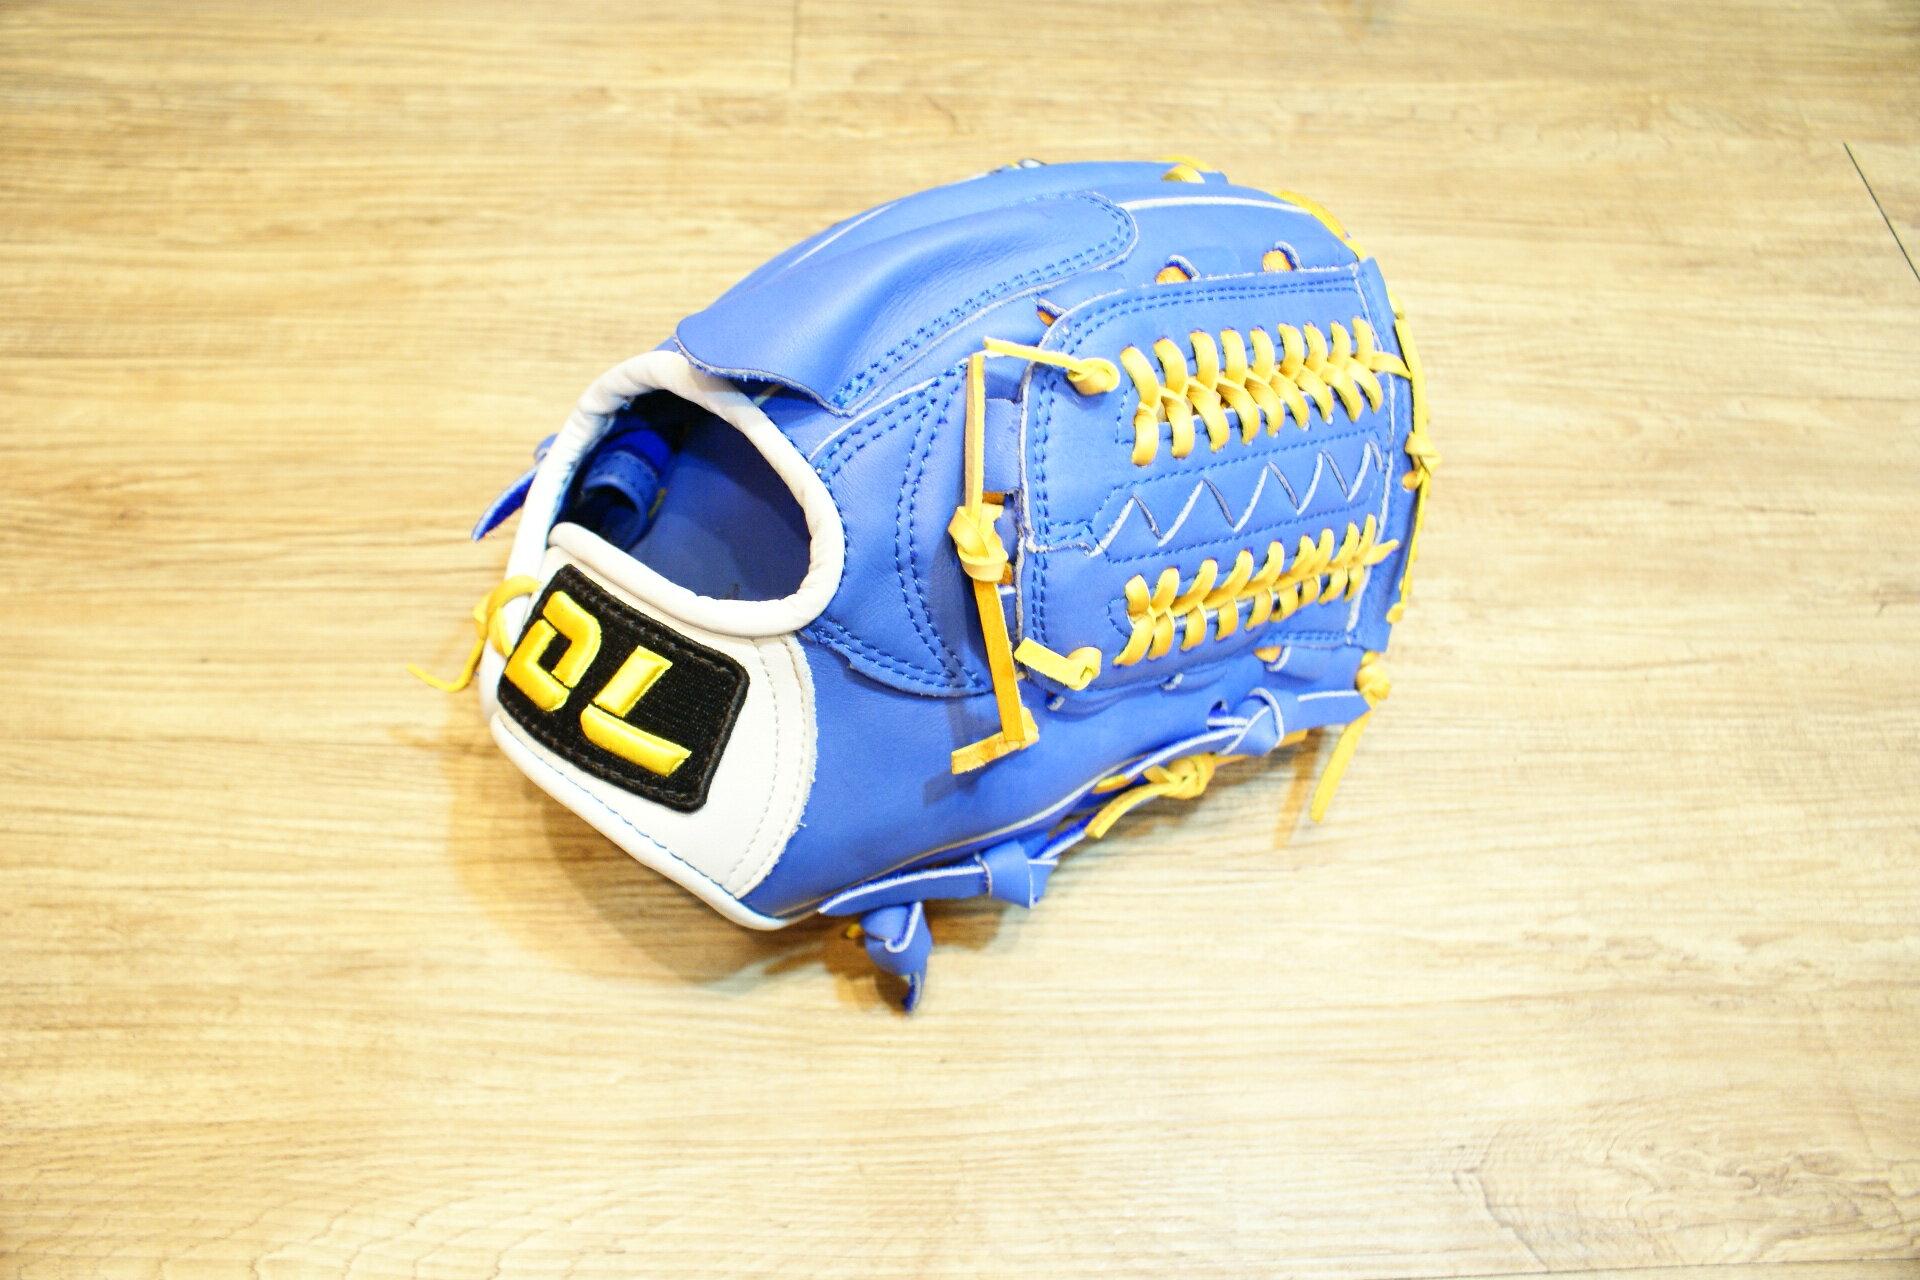 棒球世界 全新DL 職業組棒壘球投手手套 特價